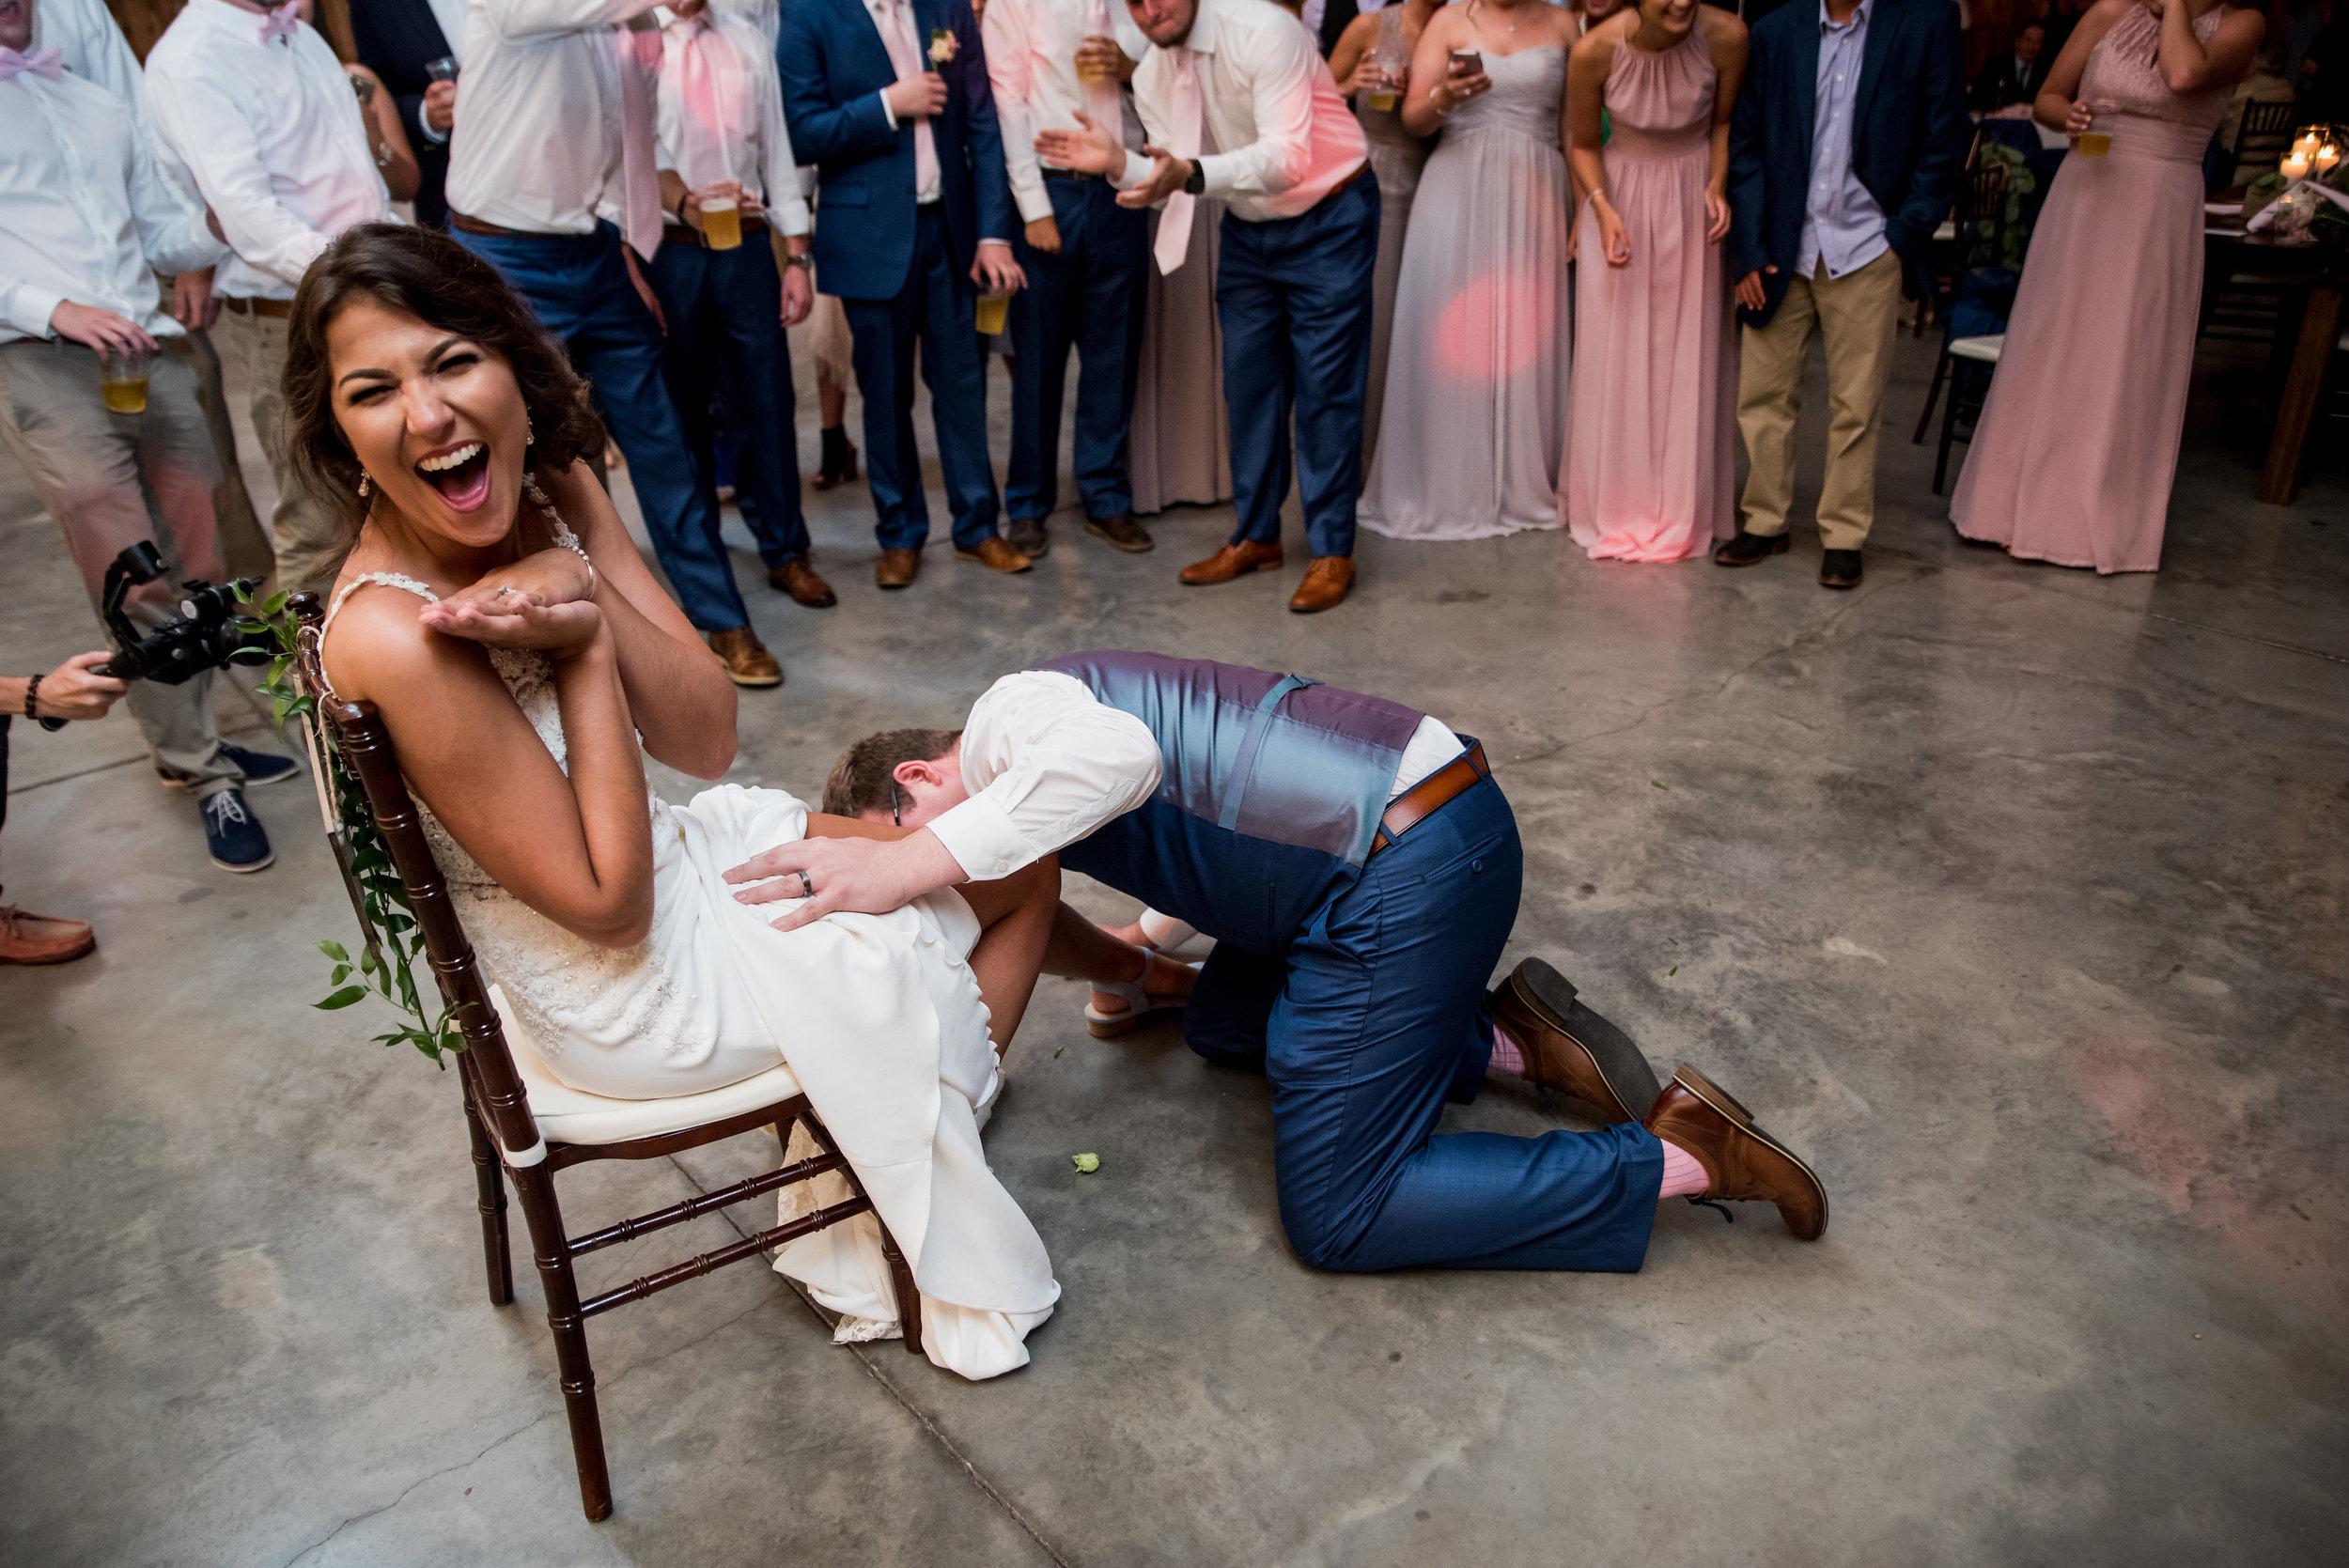 Saddlewood-Farms-Nashville-Wedding-Photographers-744.jpg